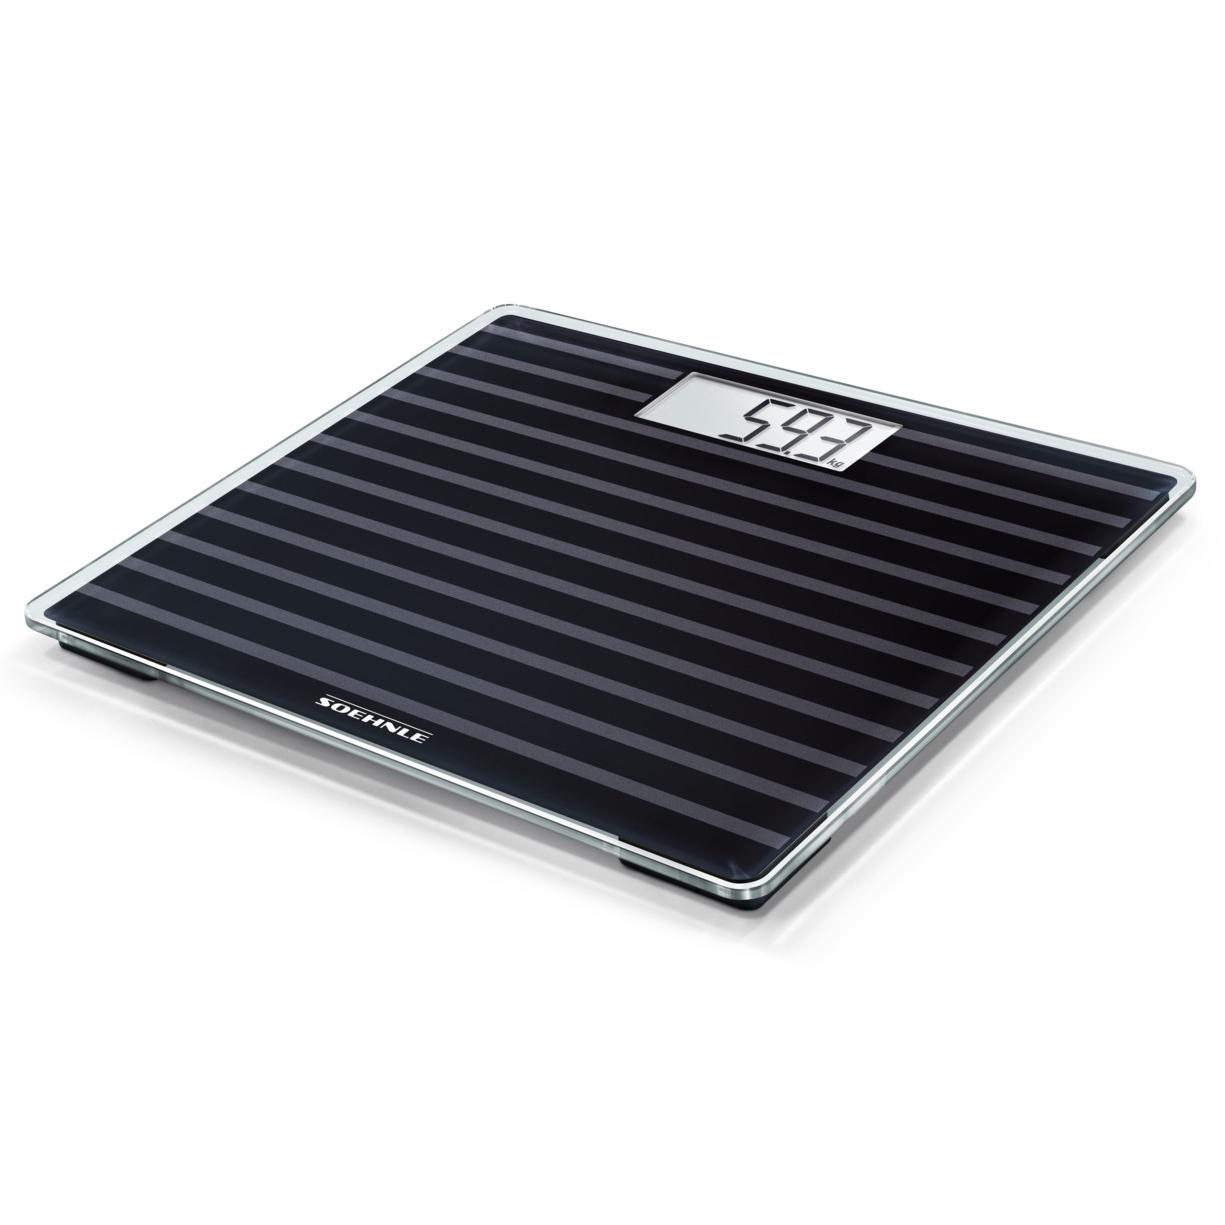 Soehnle Style Sense Compact 200 Black Edition osobní váha - digitální SOEHNLE 63874